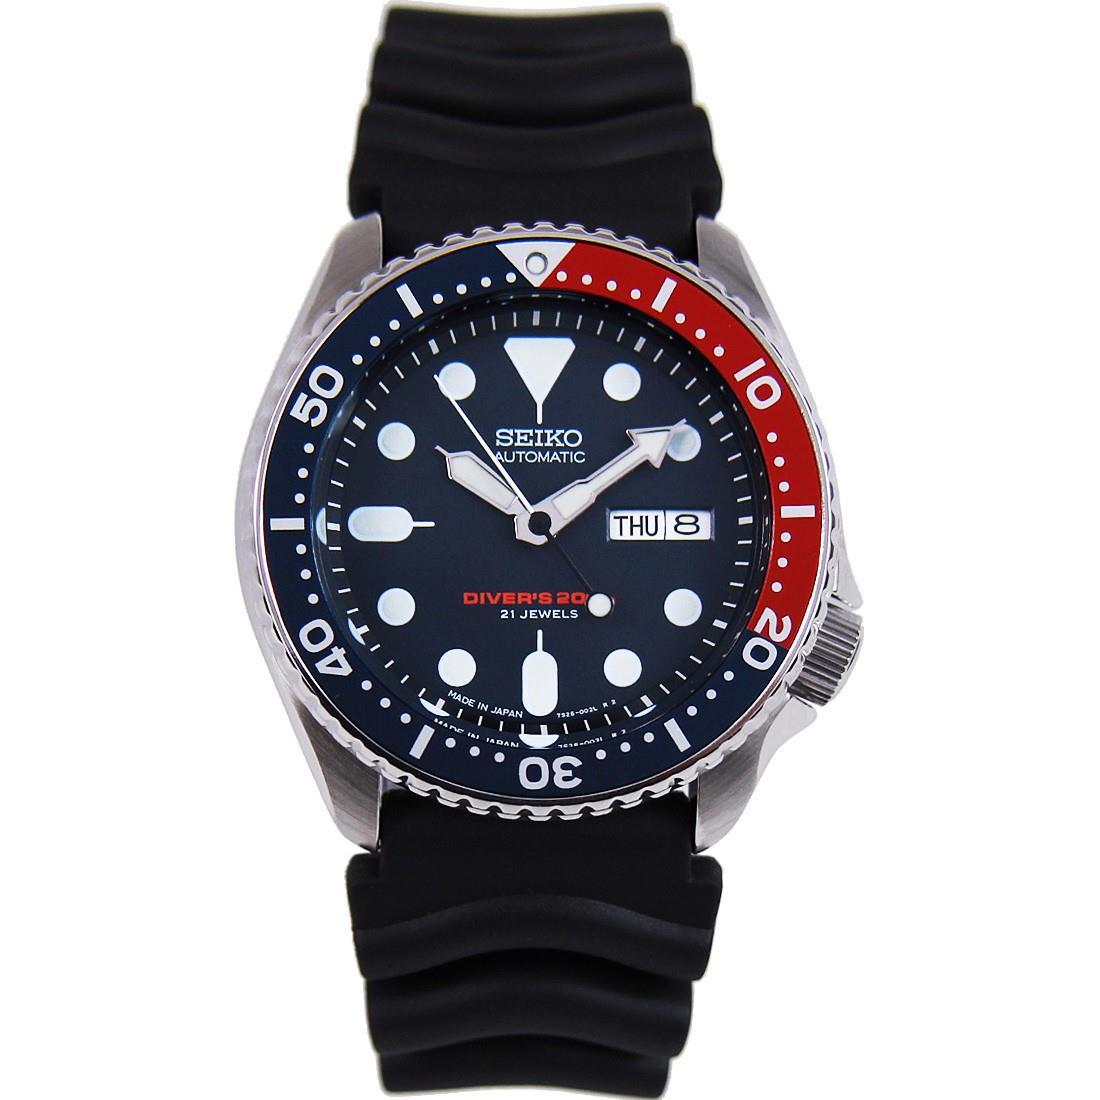 TOP-SELLING-Seiko-SKX009-SKX009J1-SKX009J2-SKX009K1-SKX009K2-Pepsi-Dive-Watch thumbnail 7